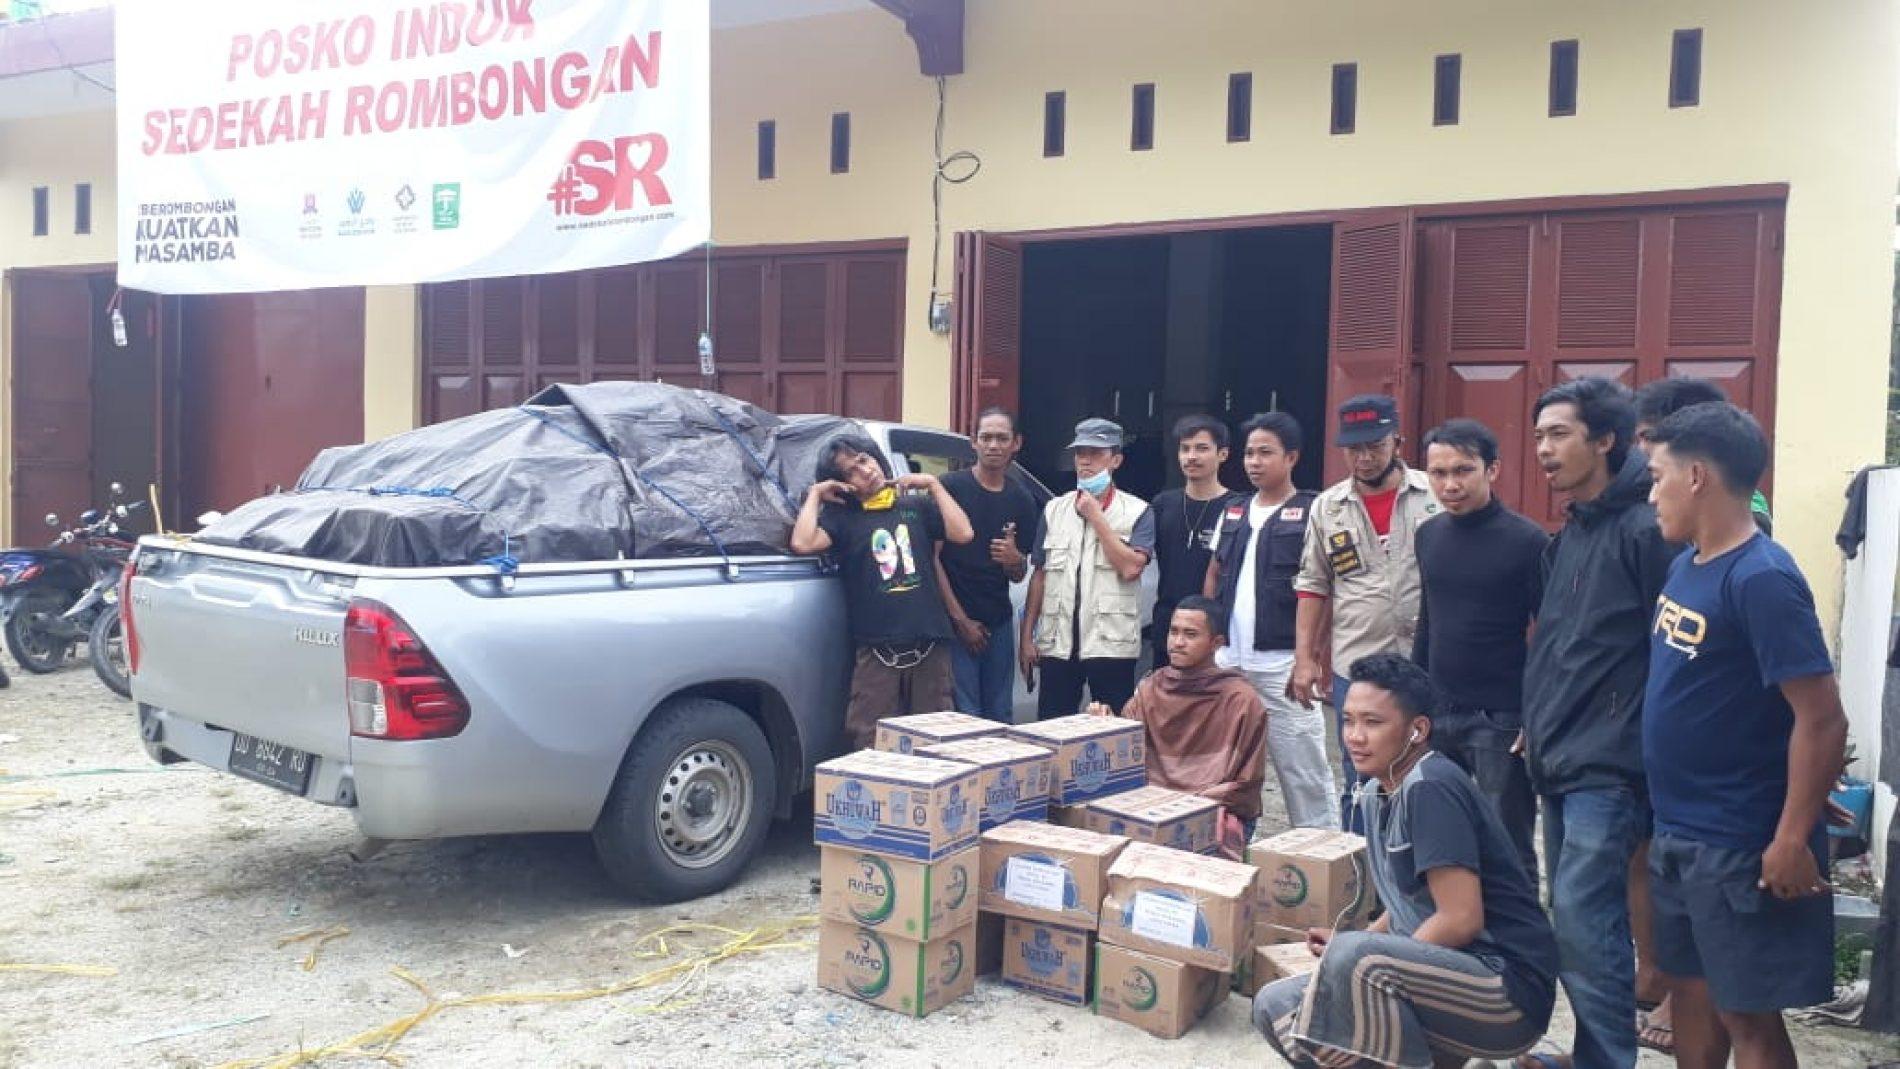 Tim Relawan FP UMI Kembali Menyalurkan Bantuan di Masamba